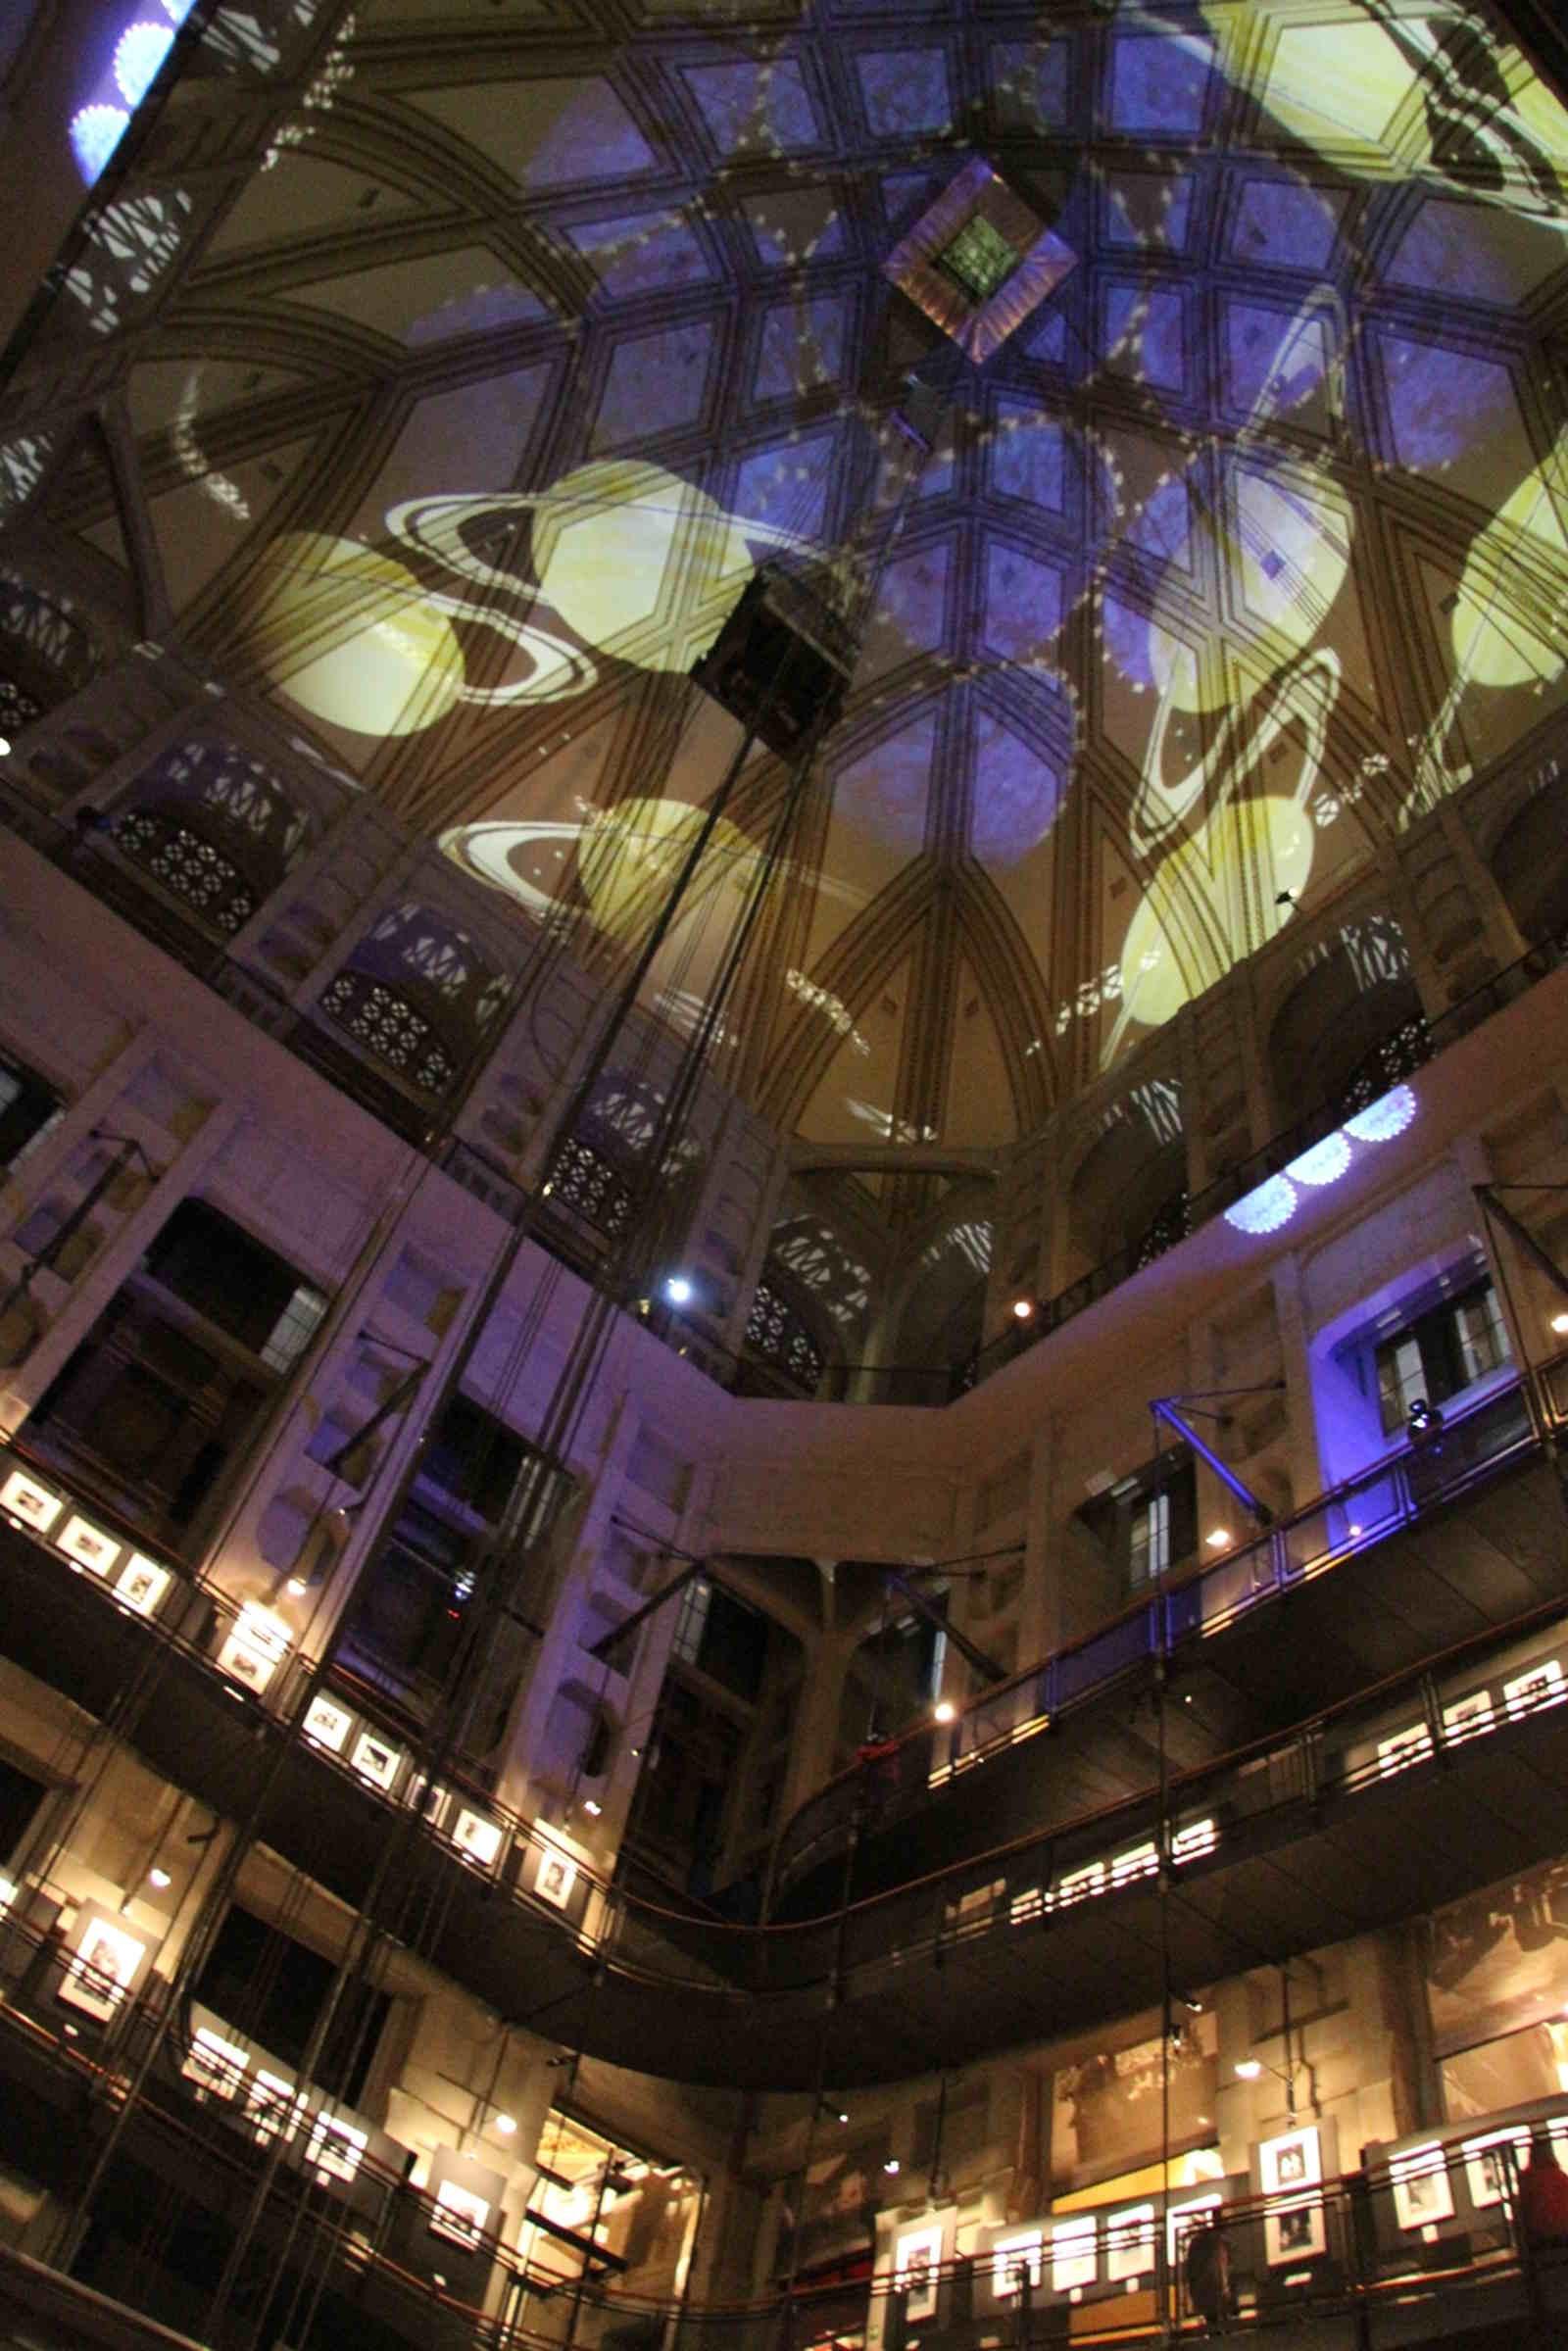 Vista interna della Mole Antonelliana: simbolo di Torino e Ascensore panoramico